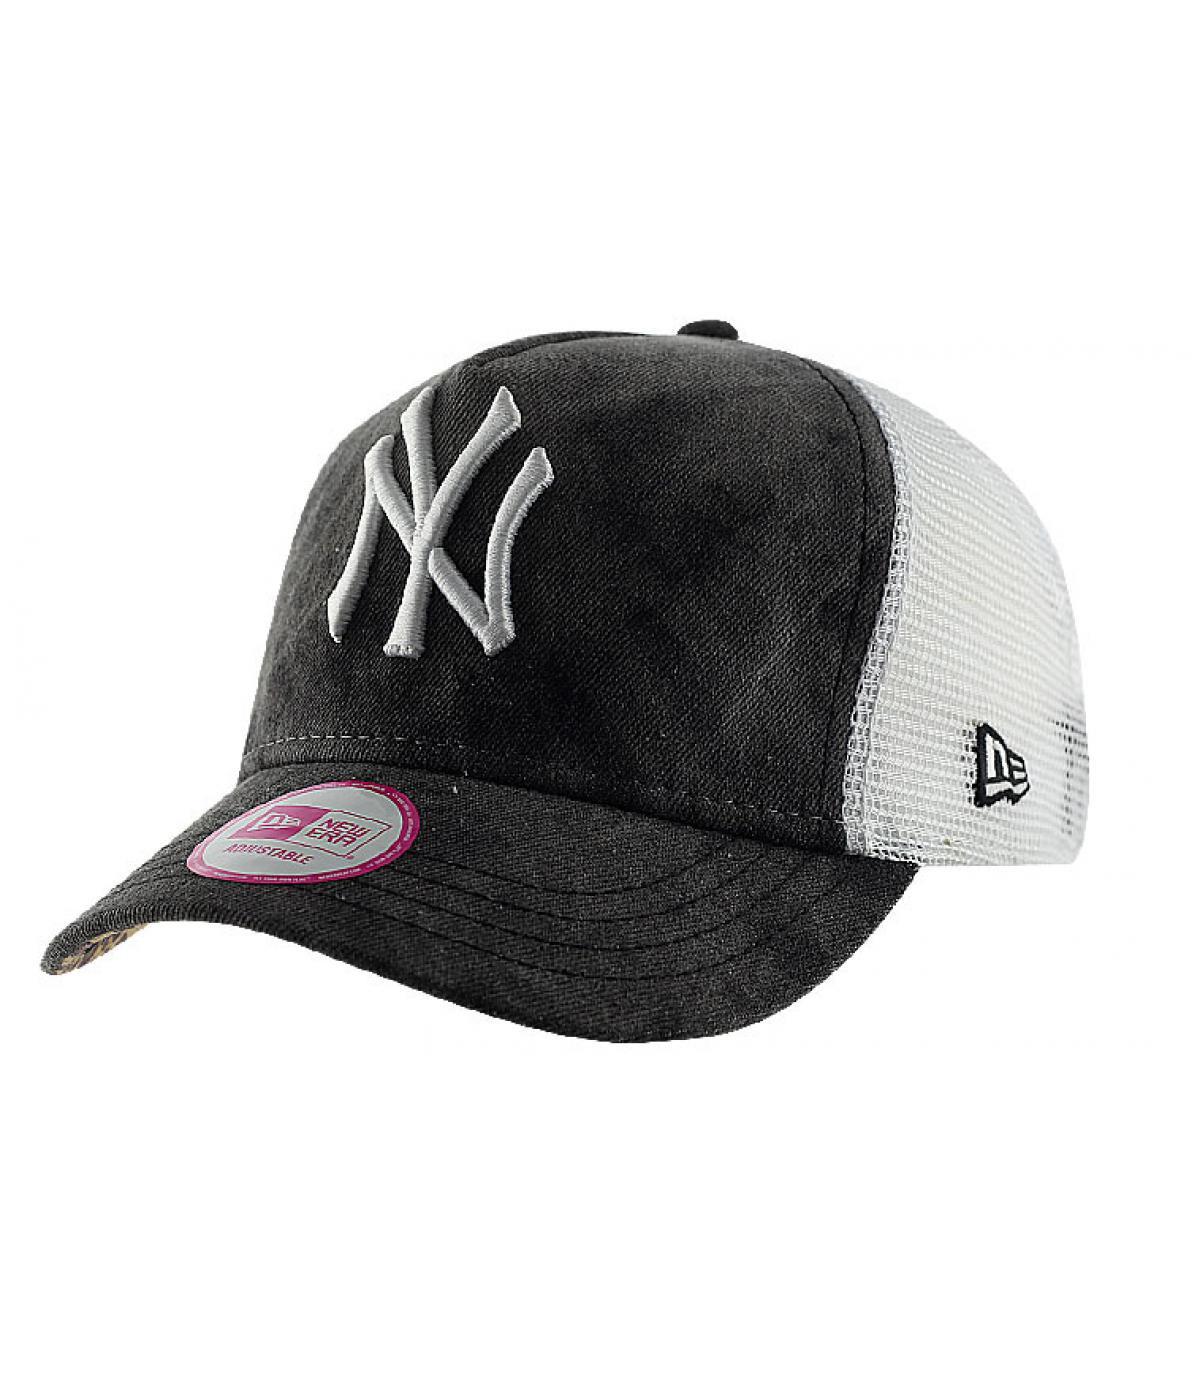 Cappellino NY donna nero